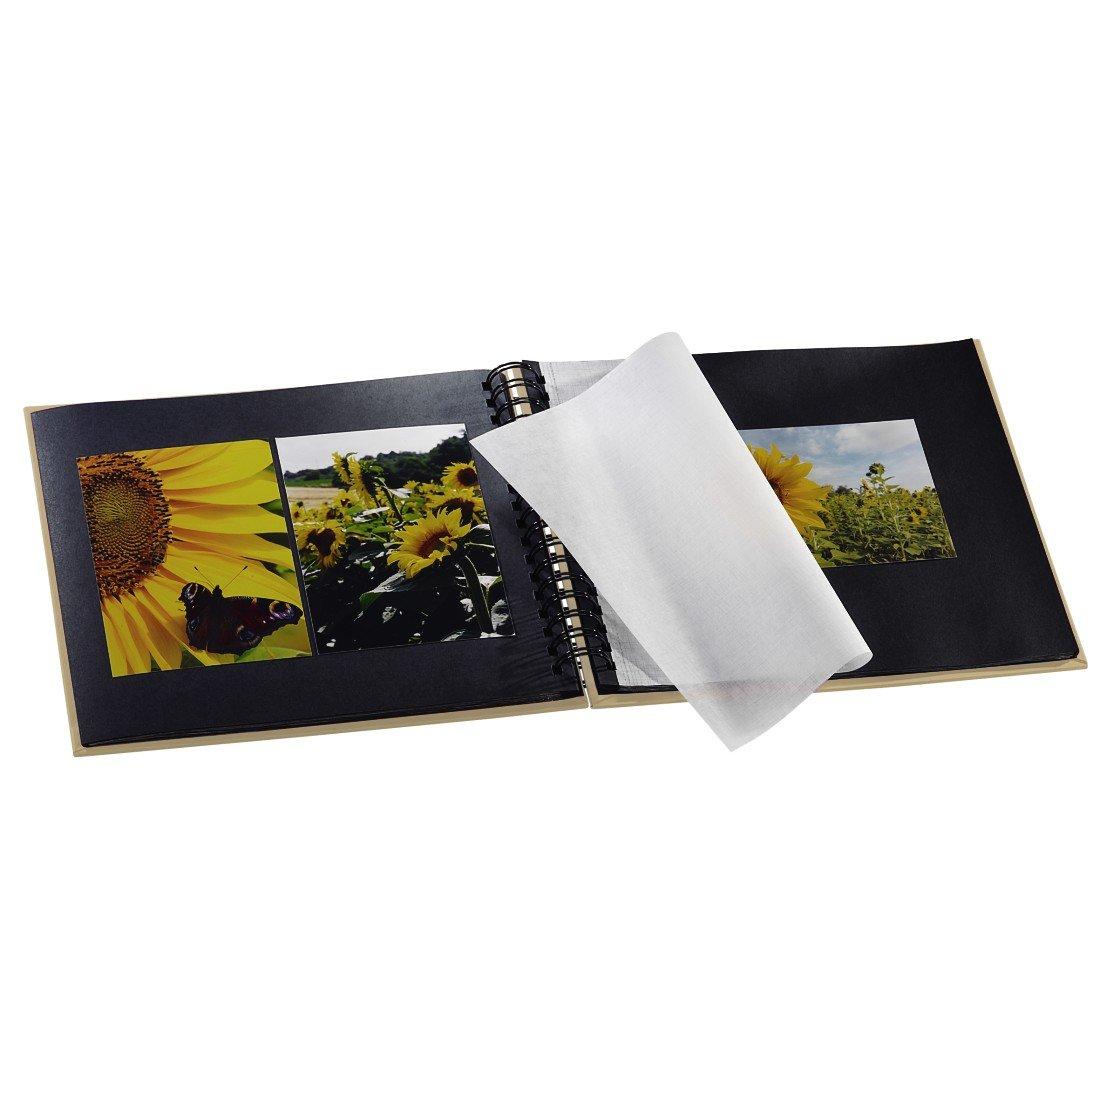 28 x 24/cm Hama Fine Art azul /Álbum de fotos con compartimento para insertar foto 50 p/áginas negras /álbum con espiral 25 hojas